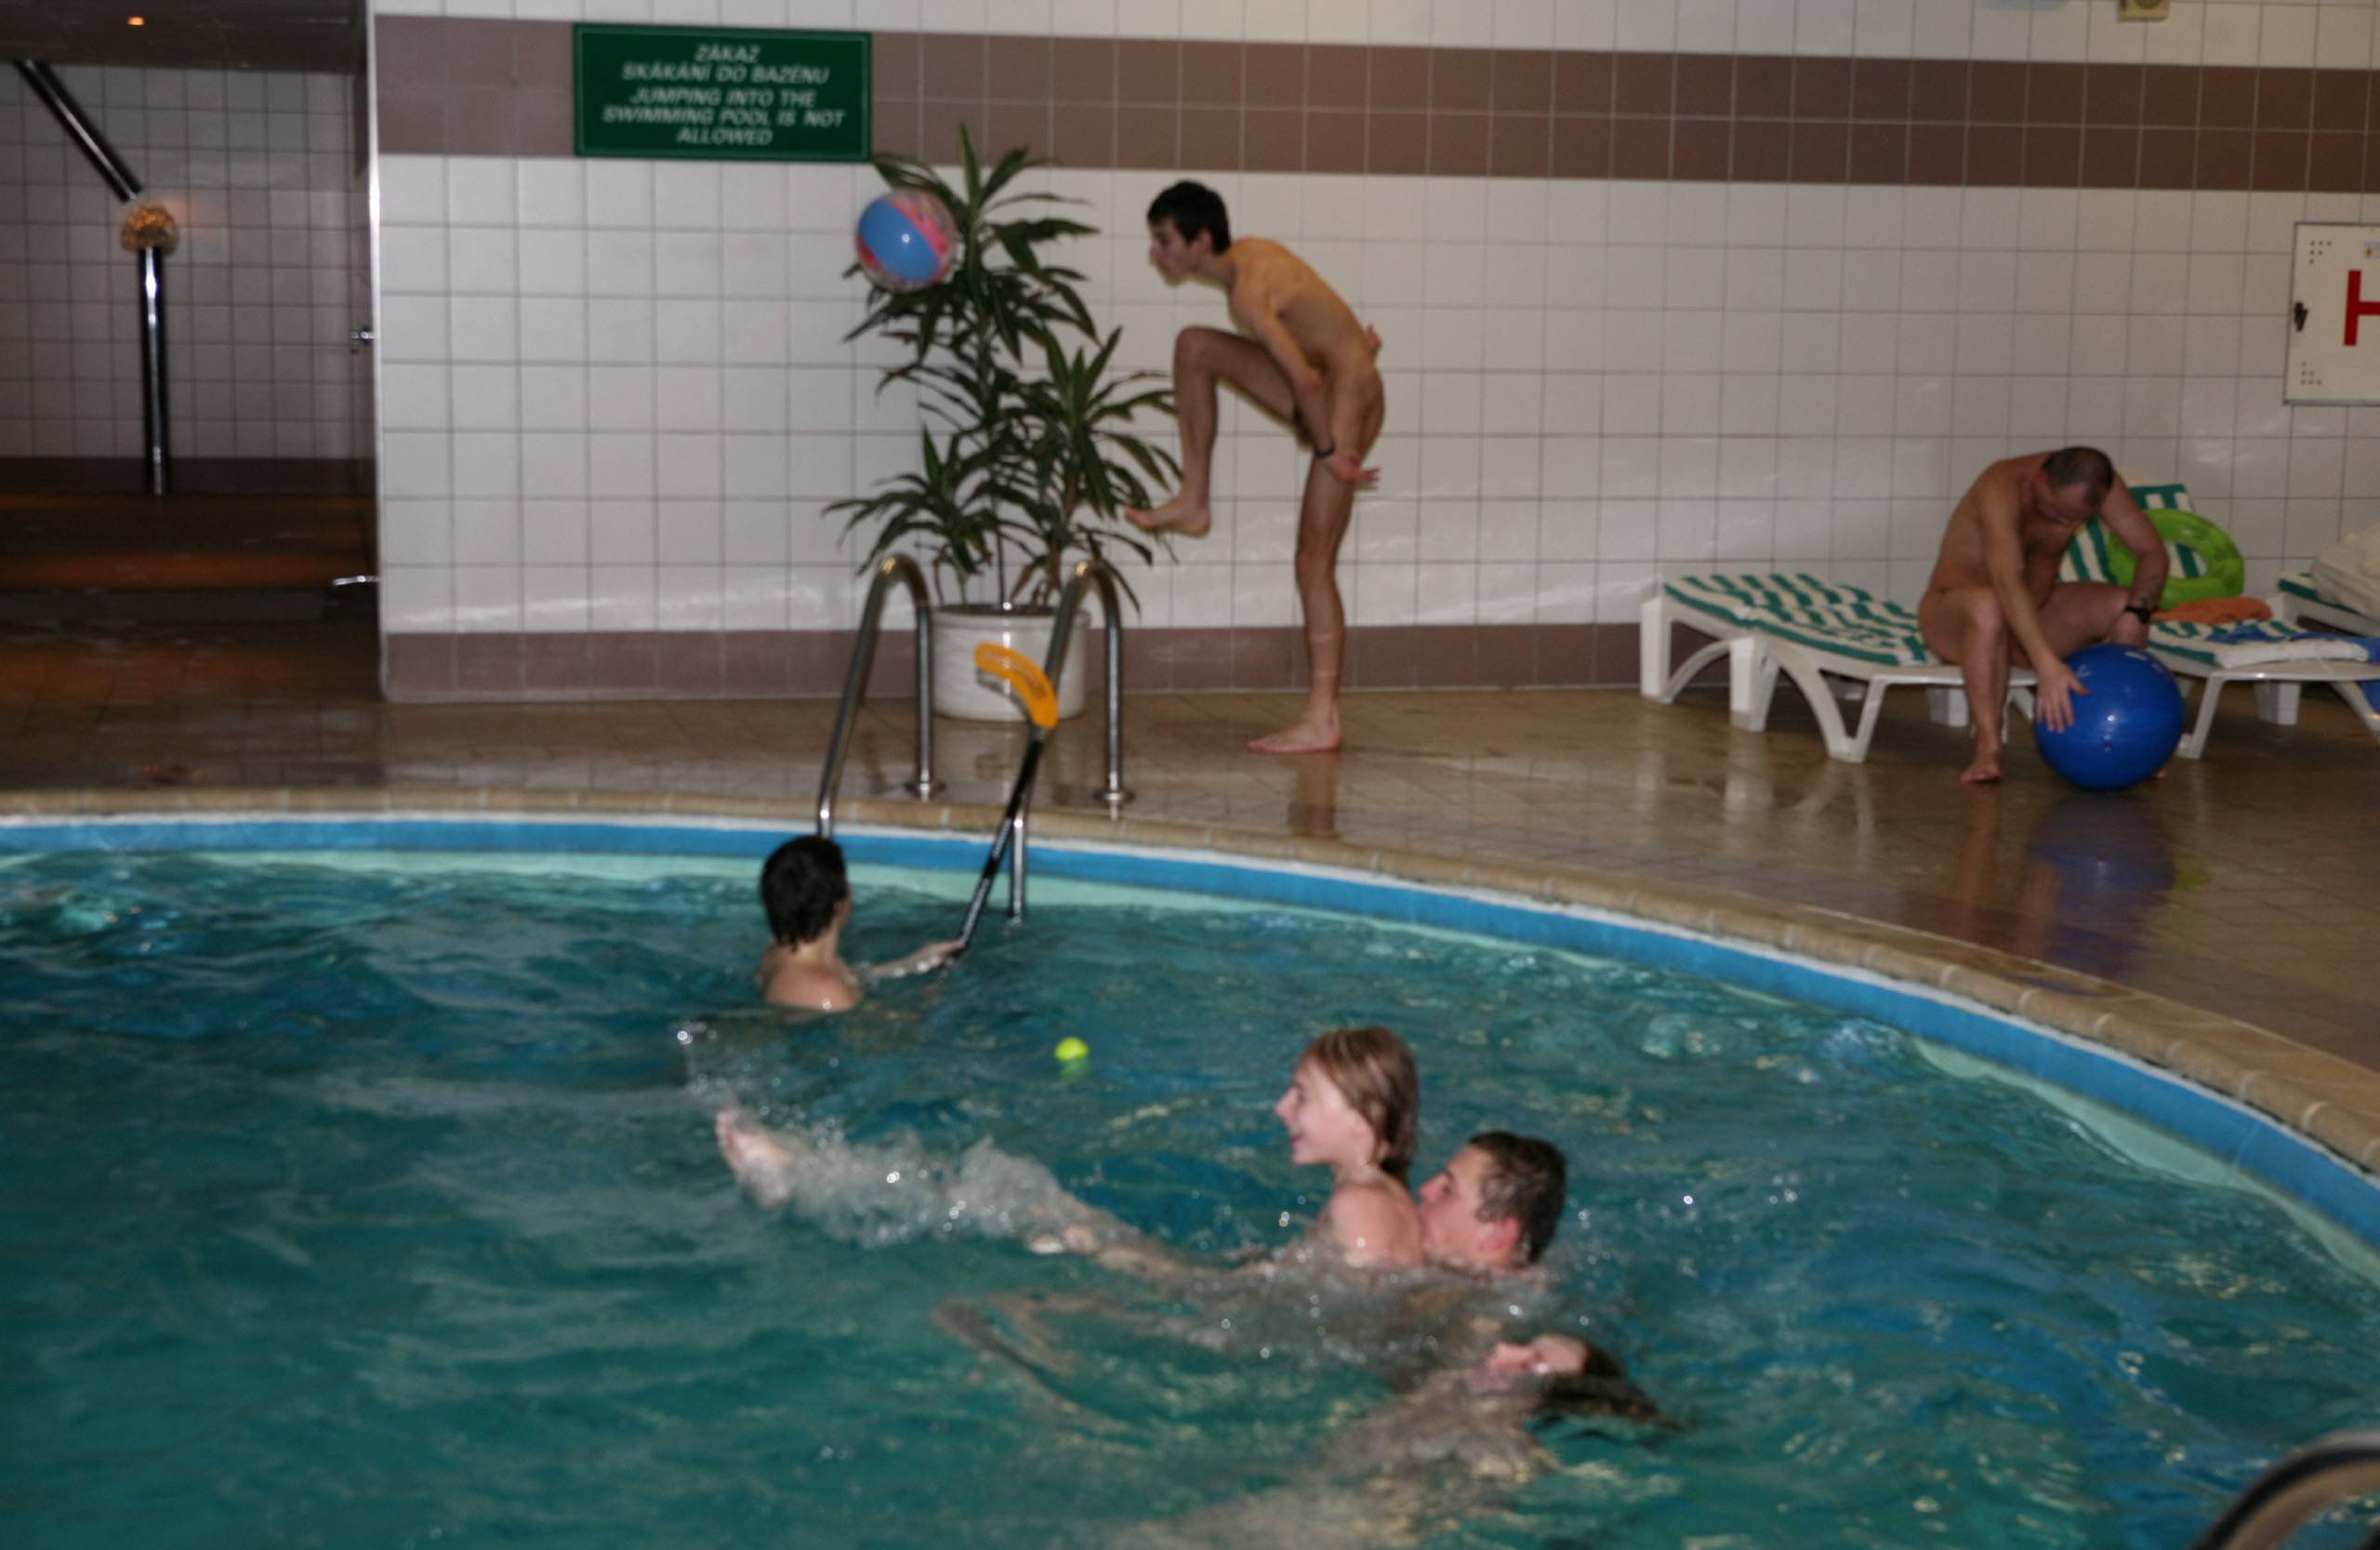 Nudist Pics 2010 Gym and Sauna - 1